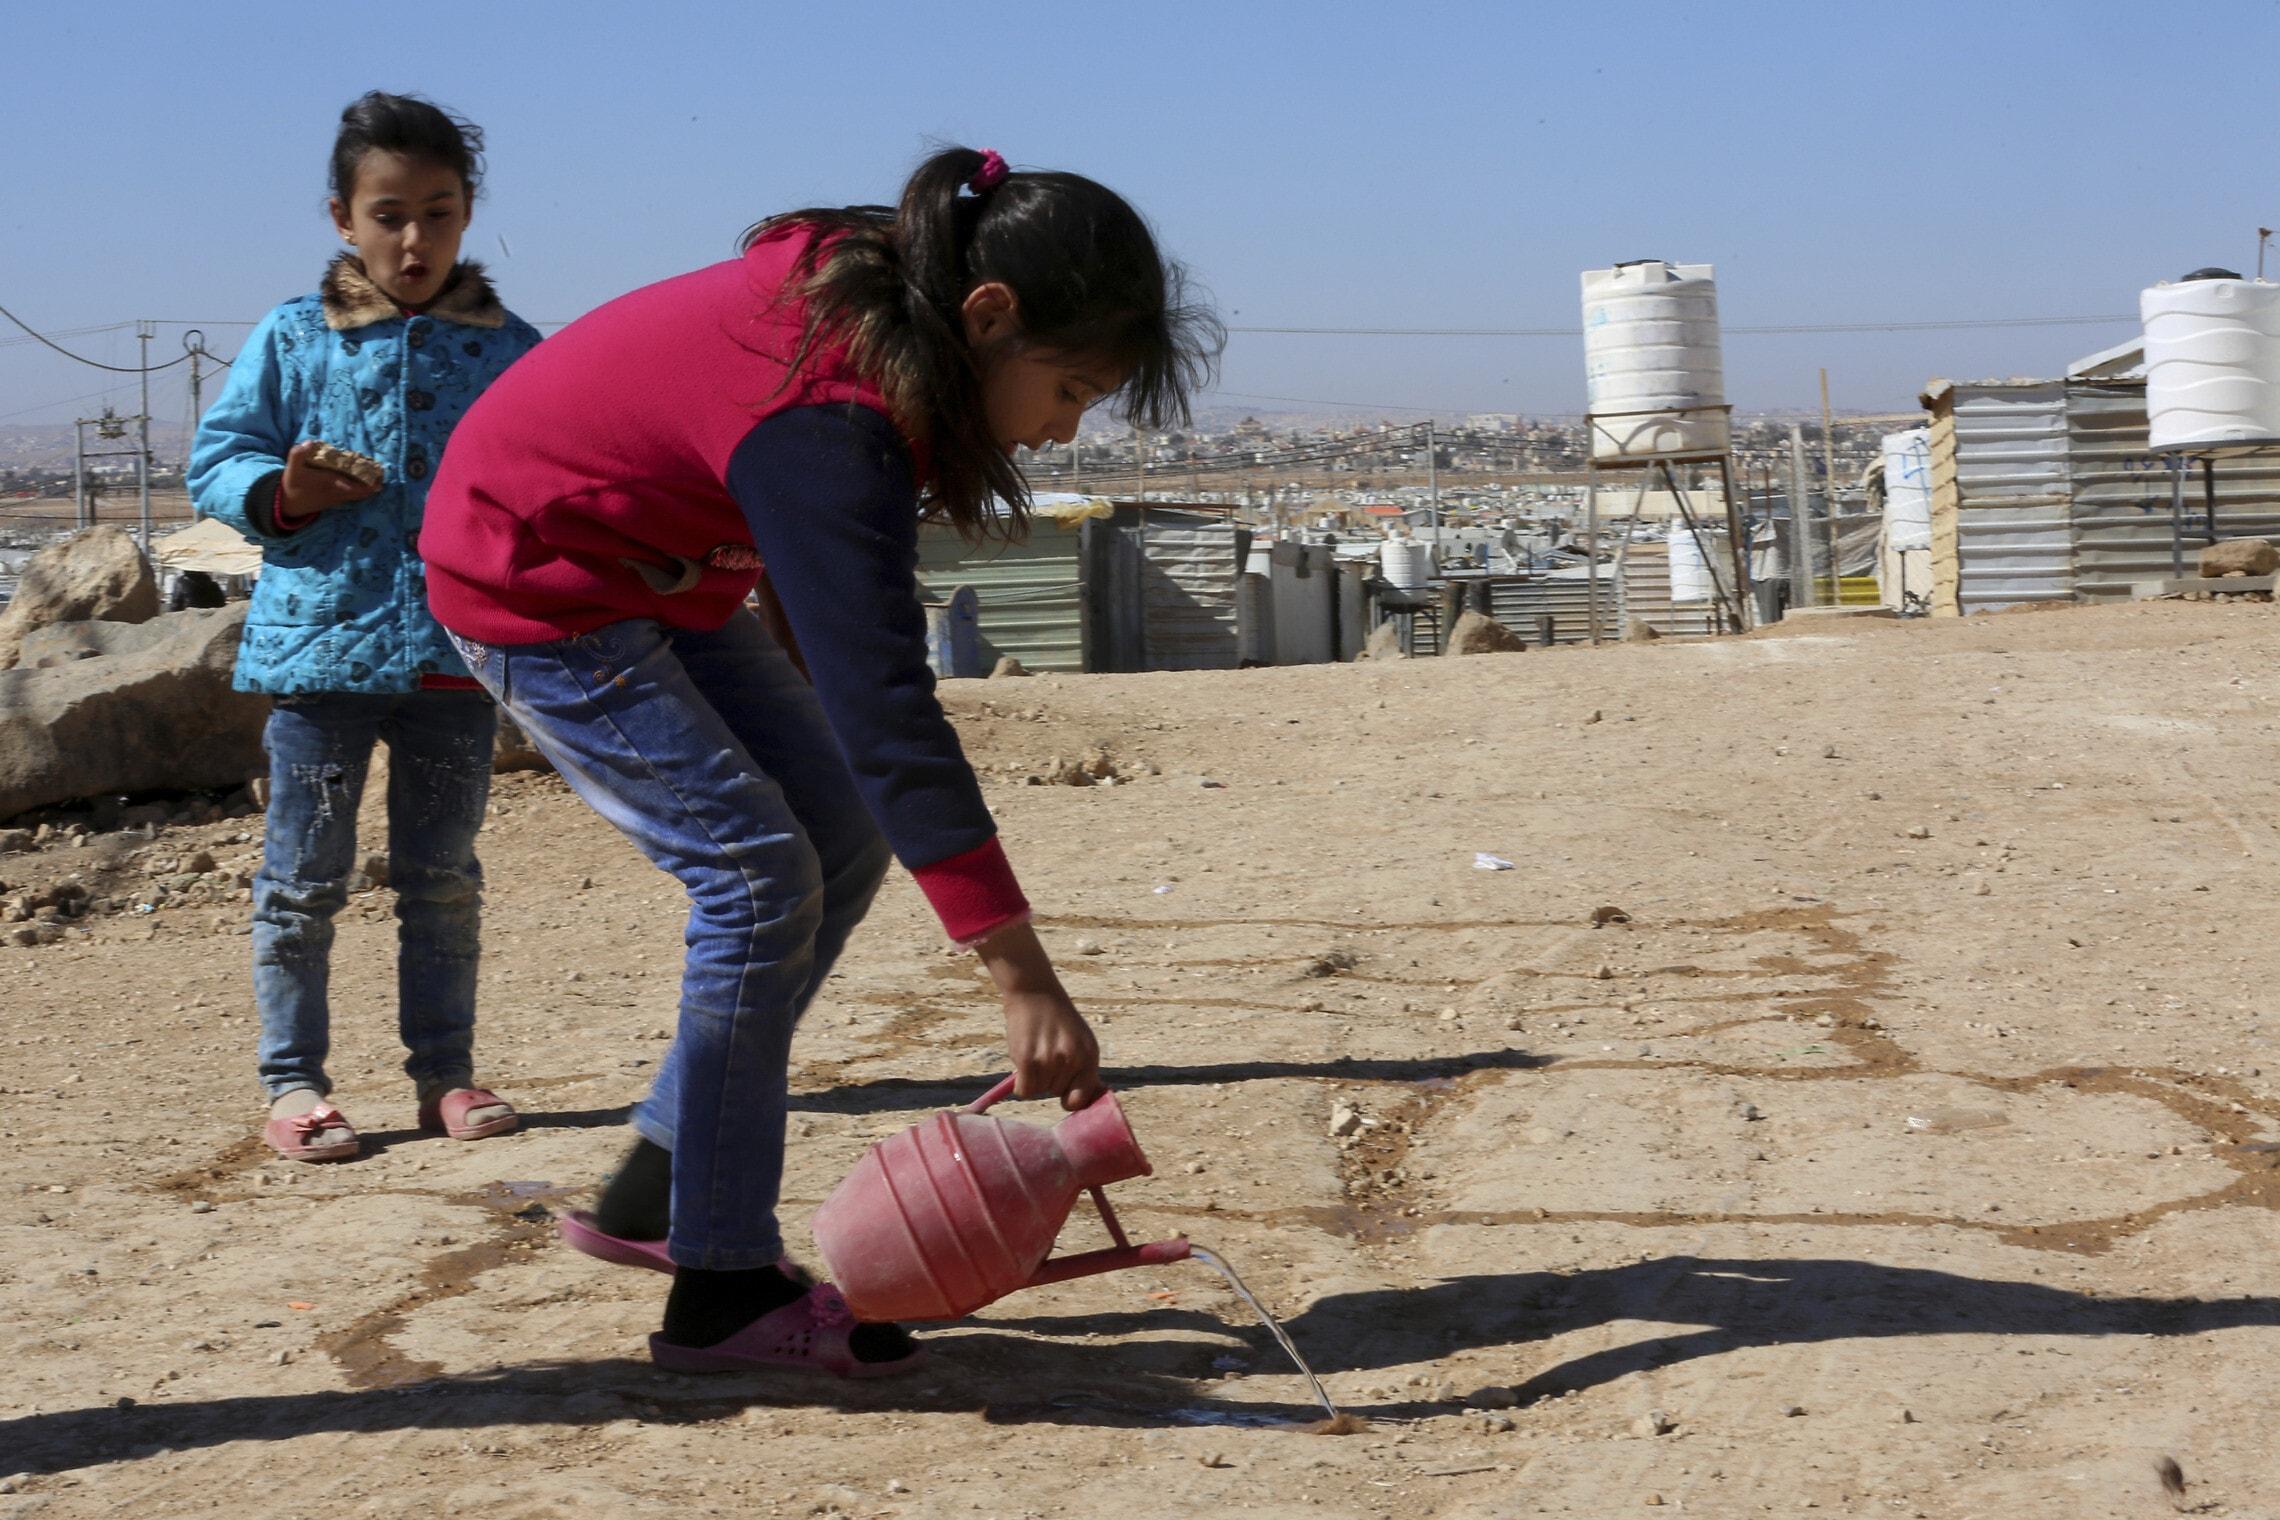 פליטים סורים במחנה זעתרי – הגדול ביותר בירדן, פברואר 2019 (צילום: AP Photo/Raad Adayleh)